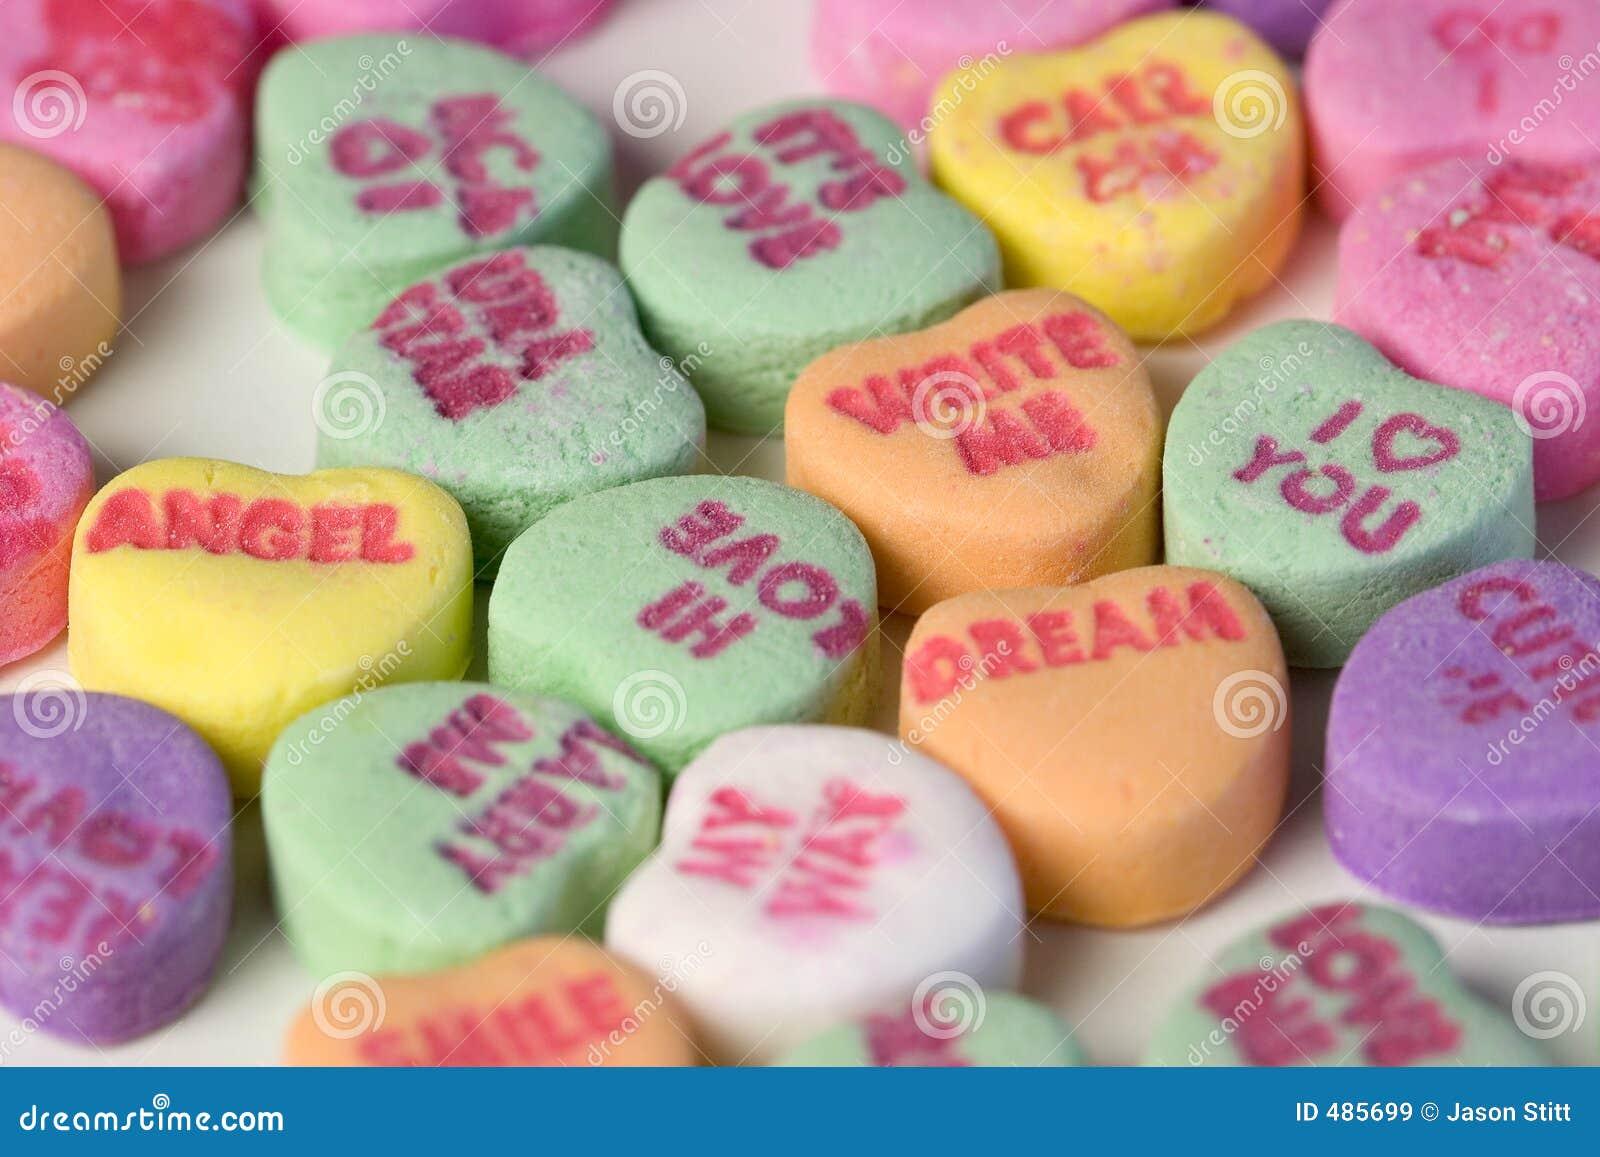 Corazones del caramelo imagen de archivo. Imagen de valentine - 485699